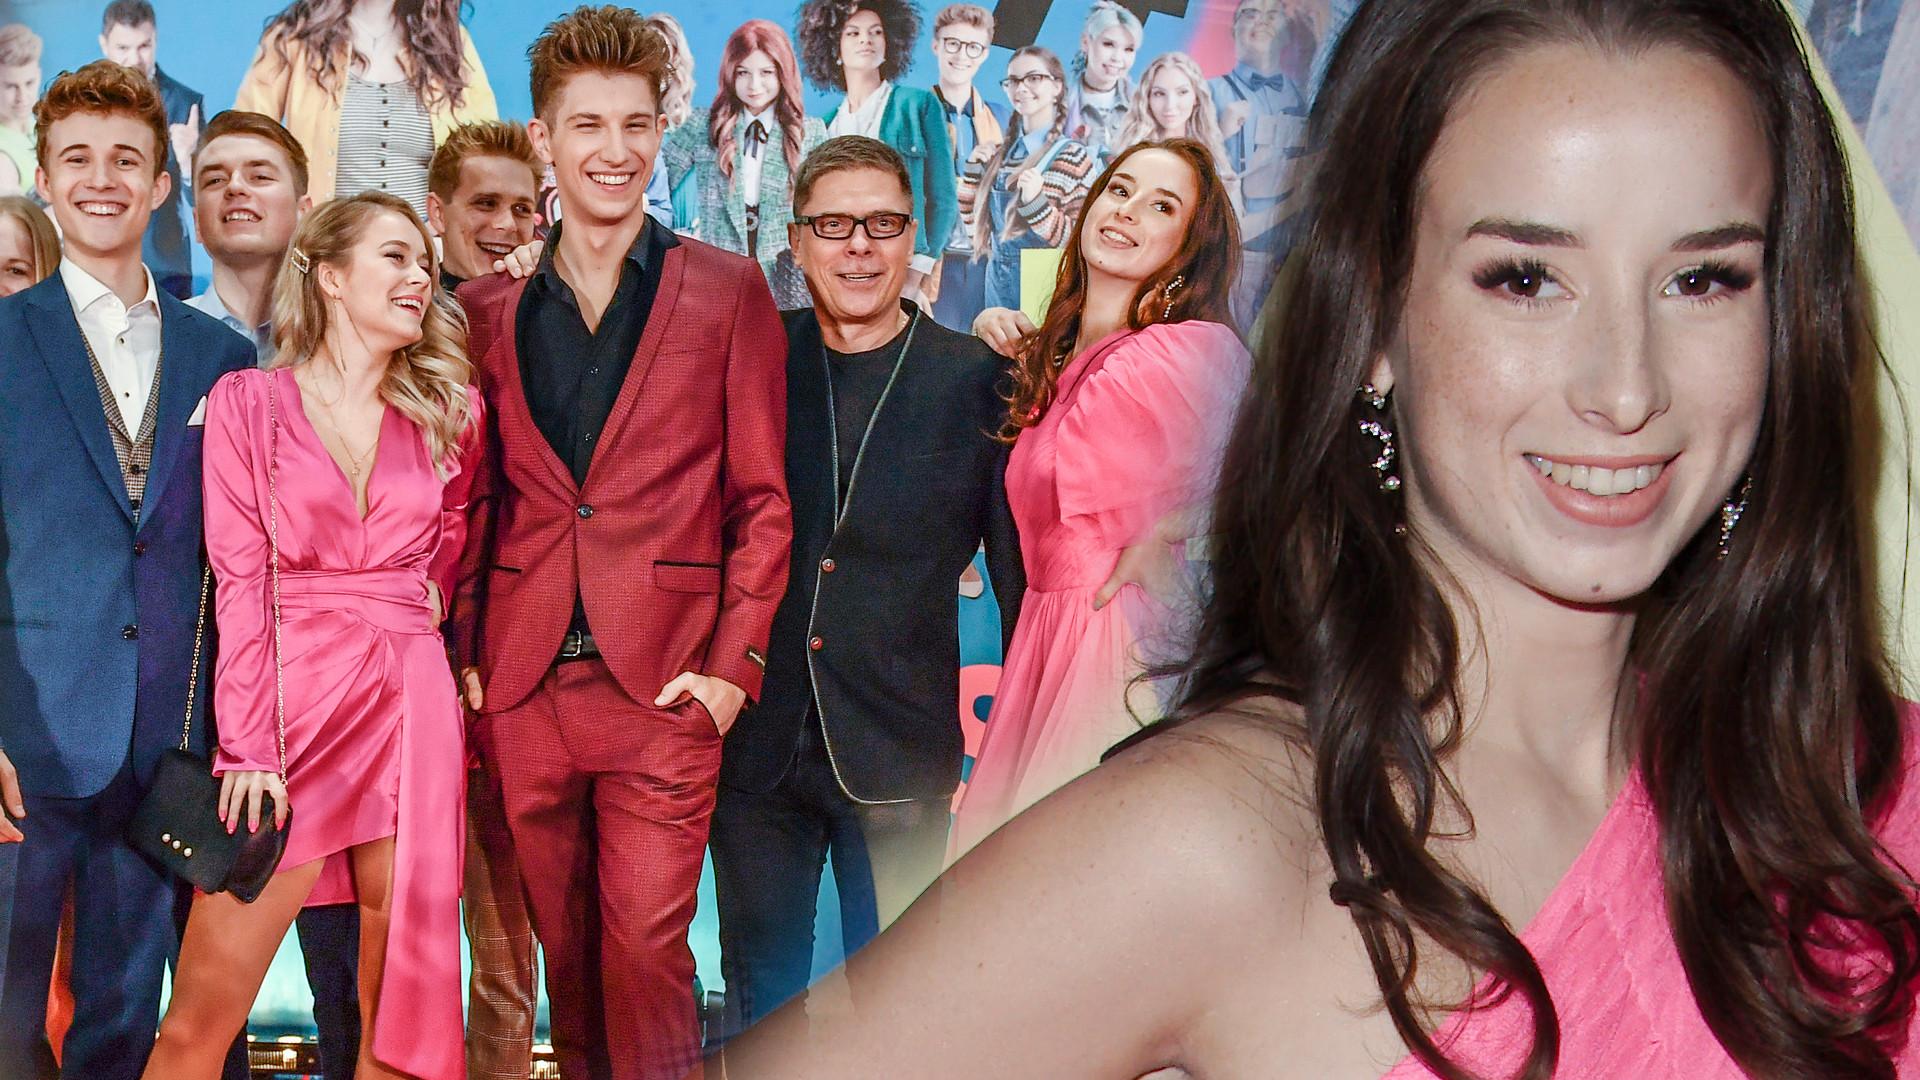 Młode gwiazdy YouTube na premierze filmu #Jestem M. Misfit – szykuje się kinowy hit (ZDJĘCIA)